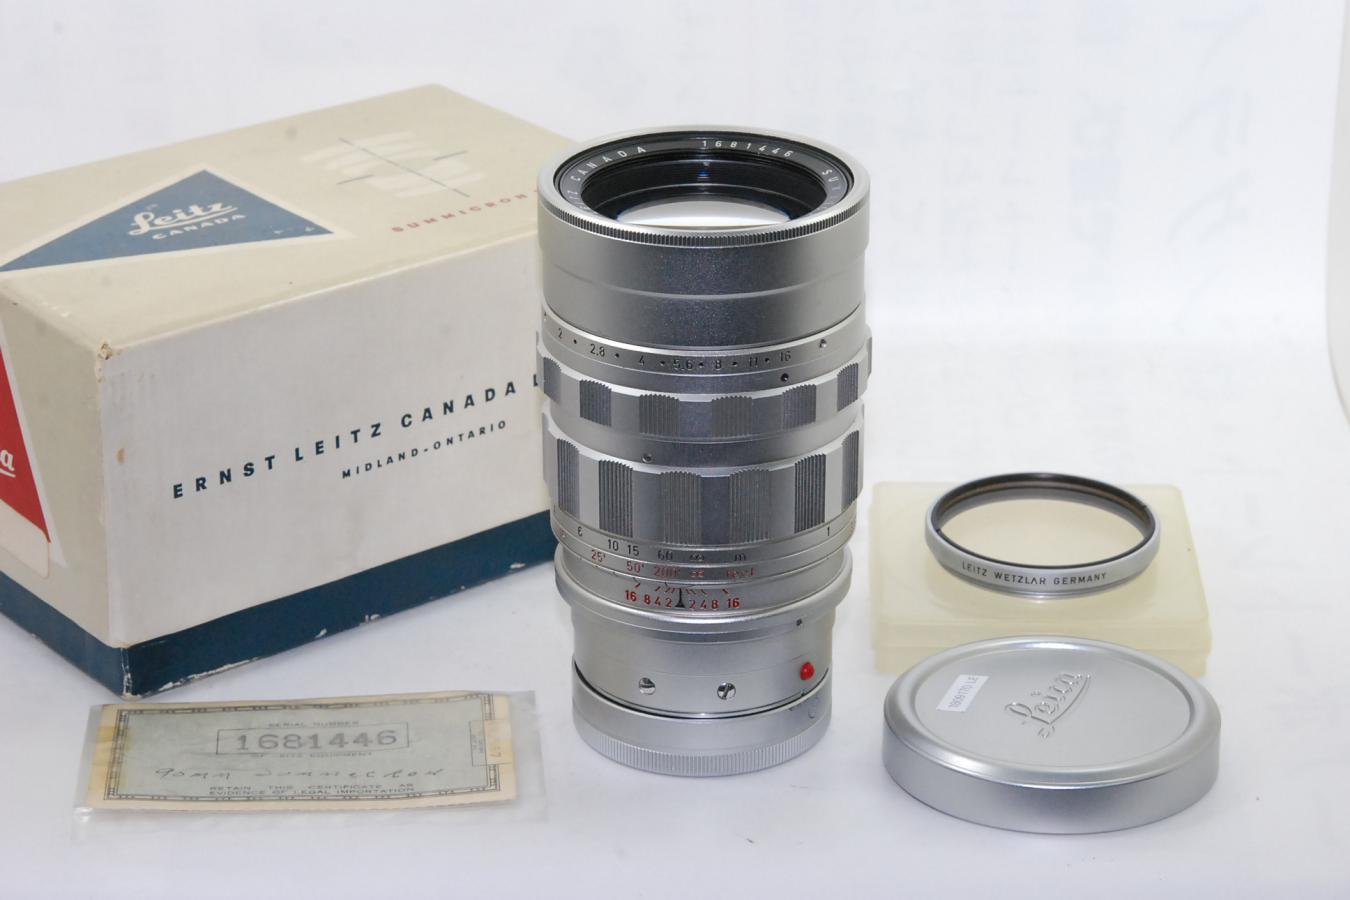 【コレクション向け】ライカ ズミクロンM 90mm F2 シルバー 第2世代 168万台1959年製 【純正UVaフィルター、ギャランティカード、元箱付】